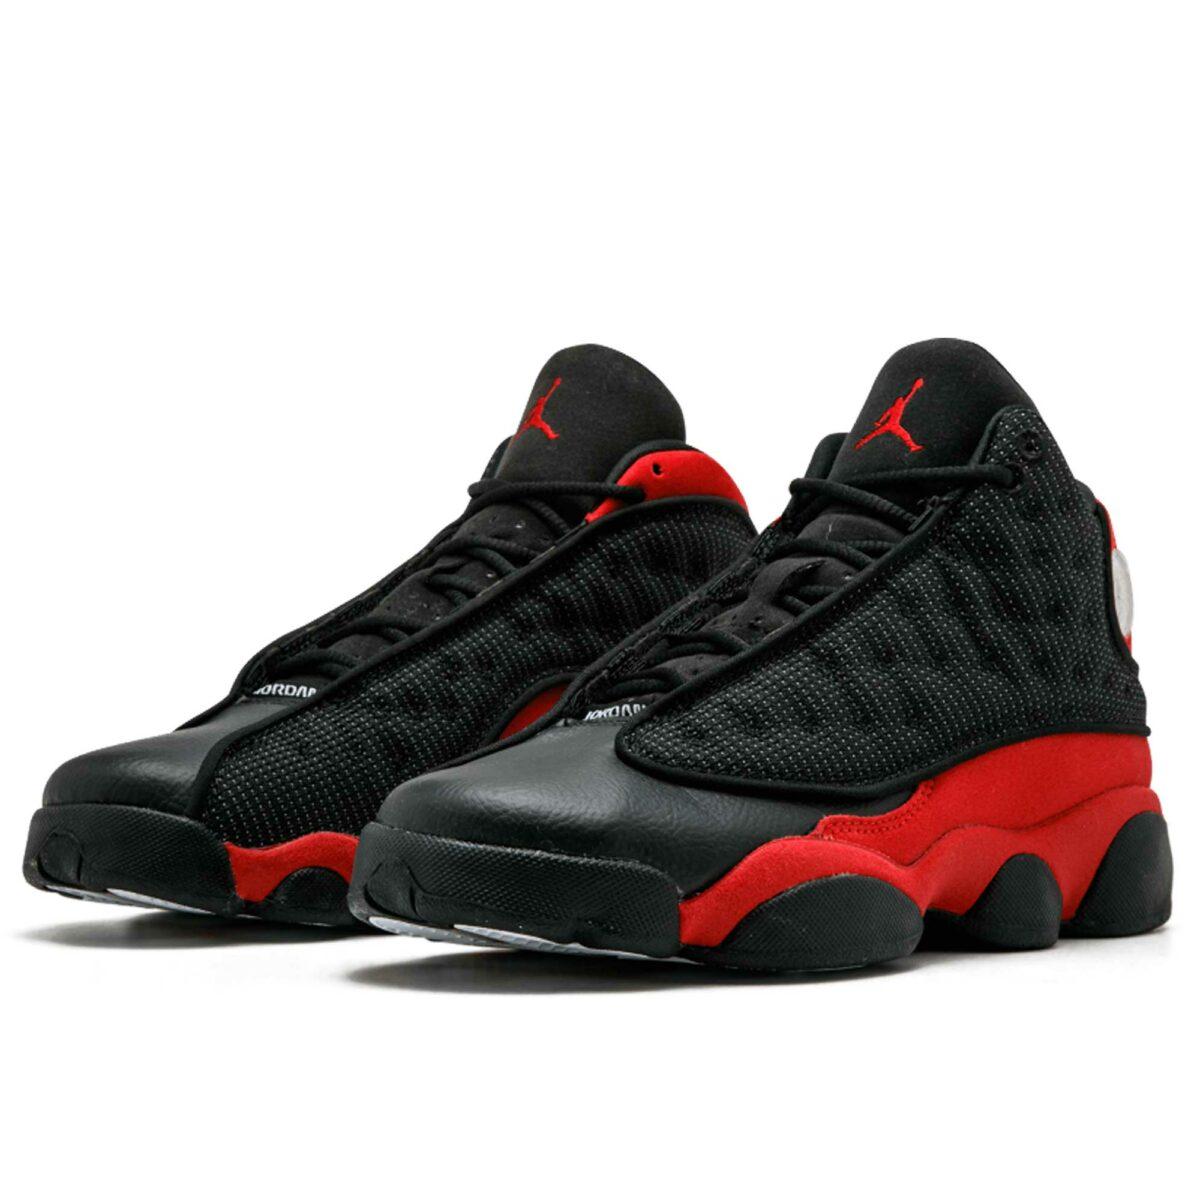 nike air Jordan 13 retro bg bred 2017 release 414574_004 купить